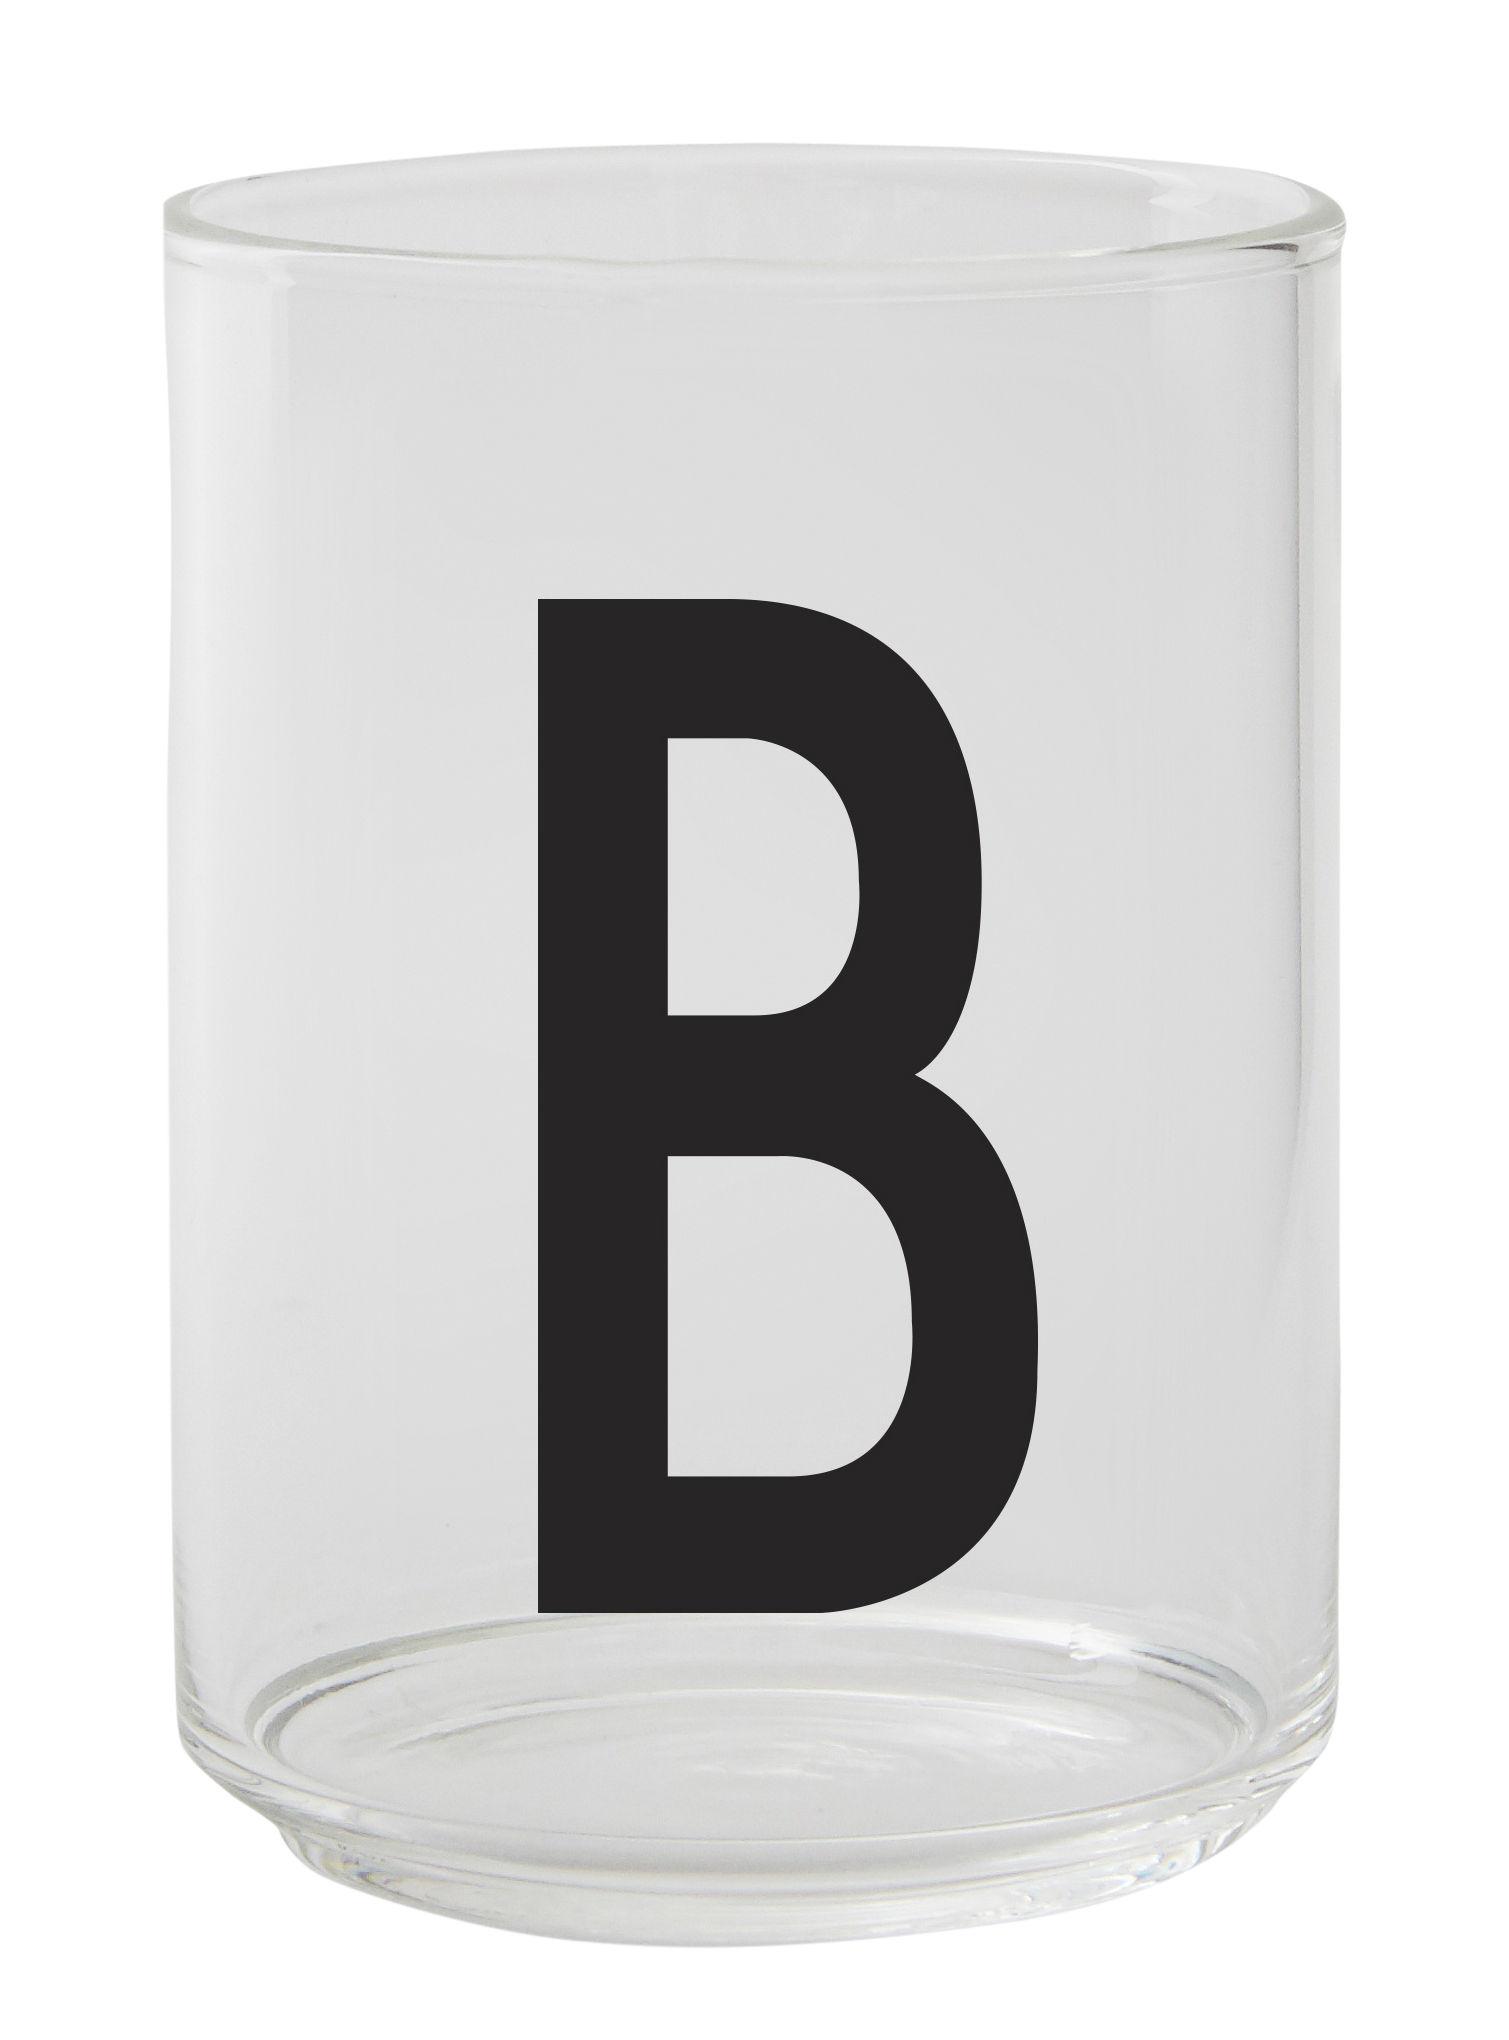 Tableware - Wine Glasses & Glassware - Arne Jacobsen Glass - / Borosilicate glass - Letter B by Design Letters - Transparent / Letter B - Borosilicated glass